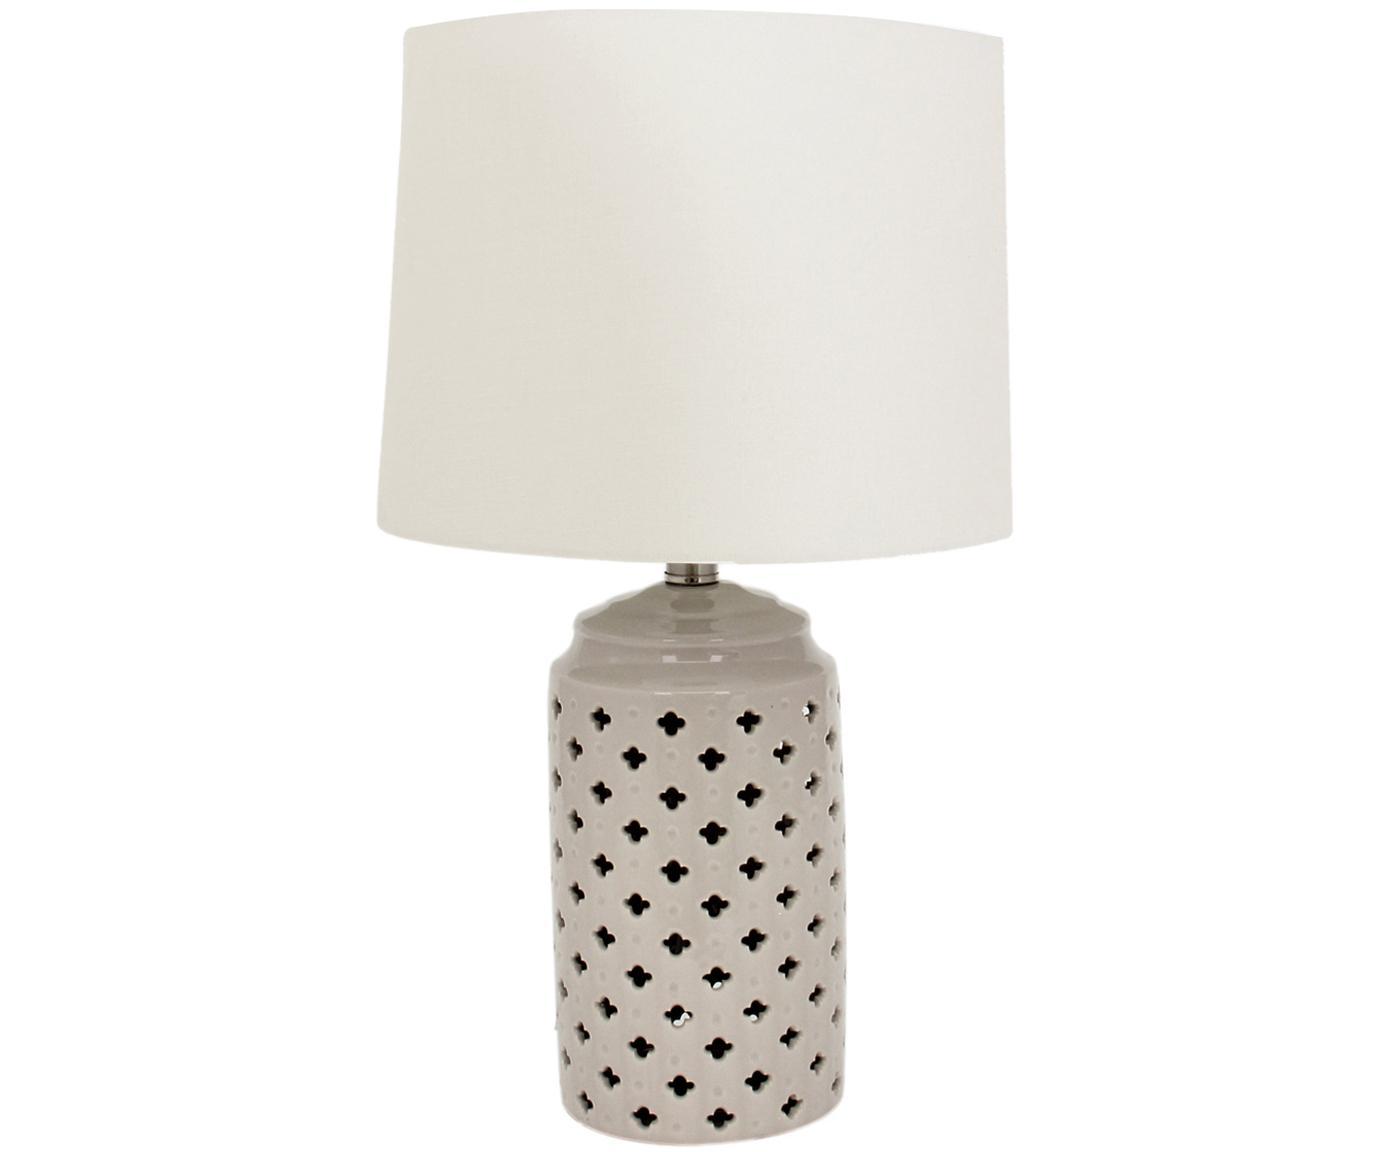 Lampada da tavolo Naomi, Paralume: tessuto, Base della lampada: ceramica, Bianco, Ø 28 x Alt. 52 cm